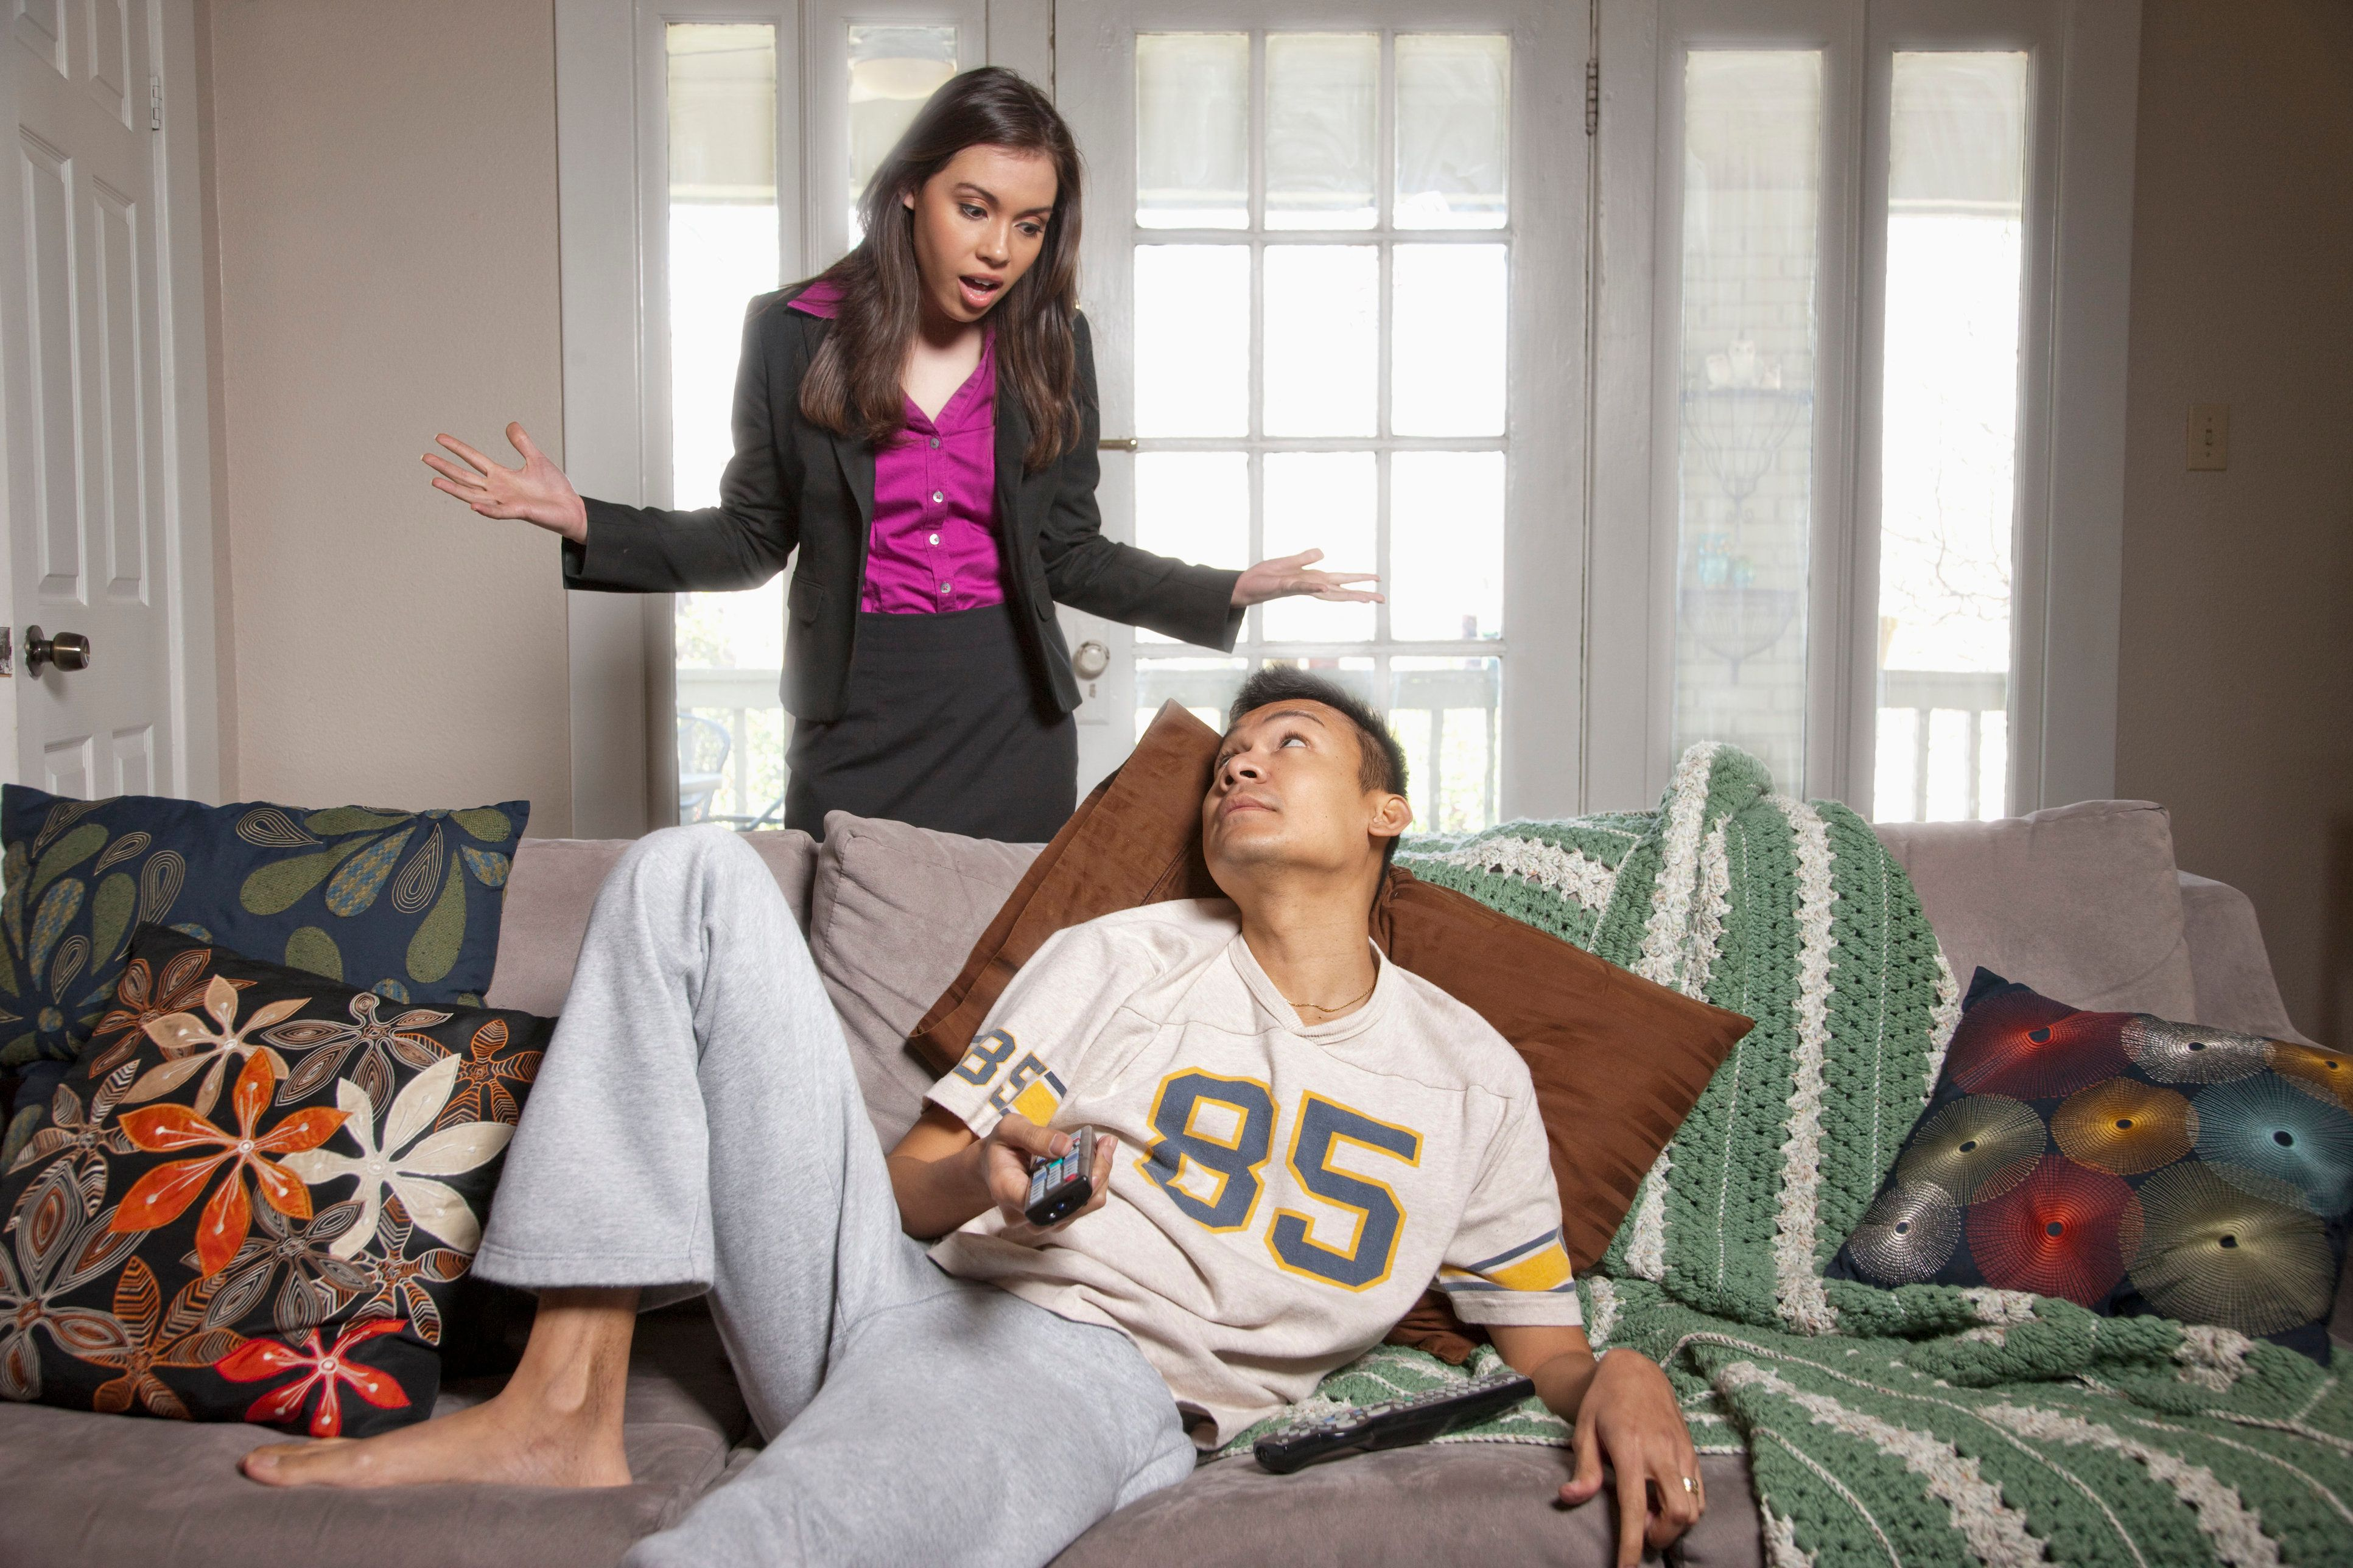 Husband odd sex behavior